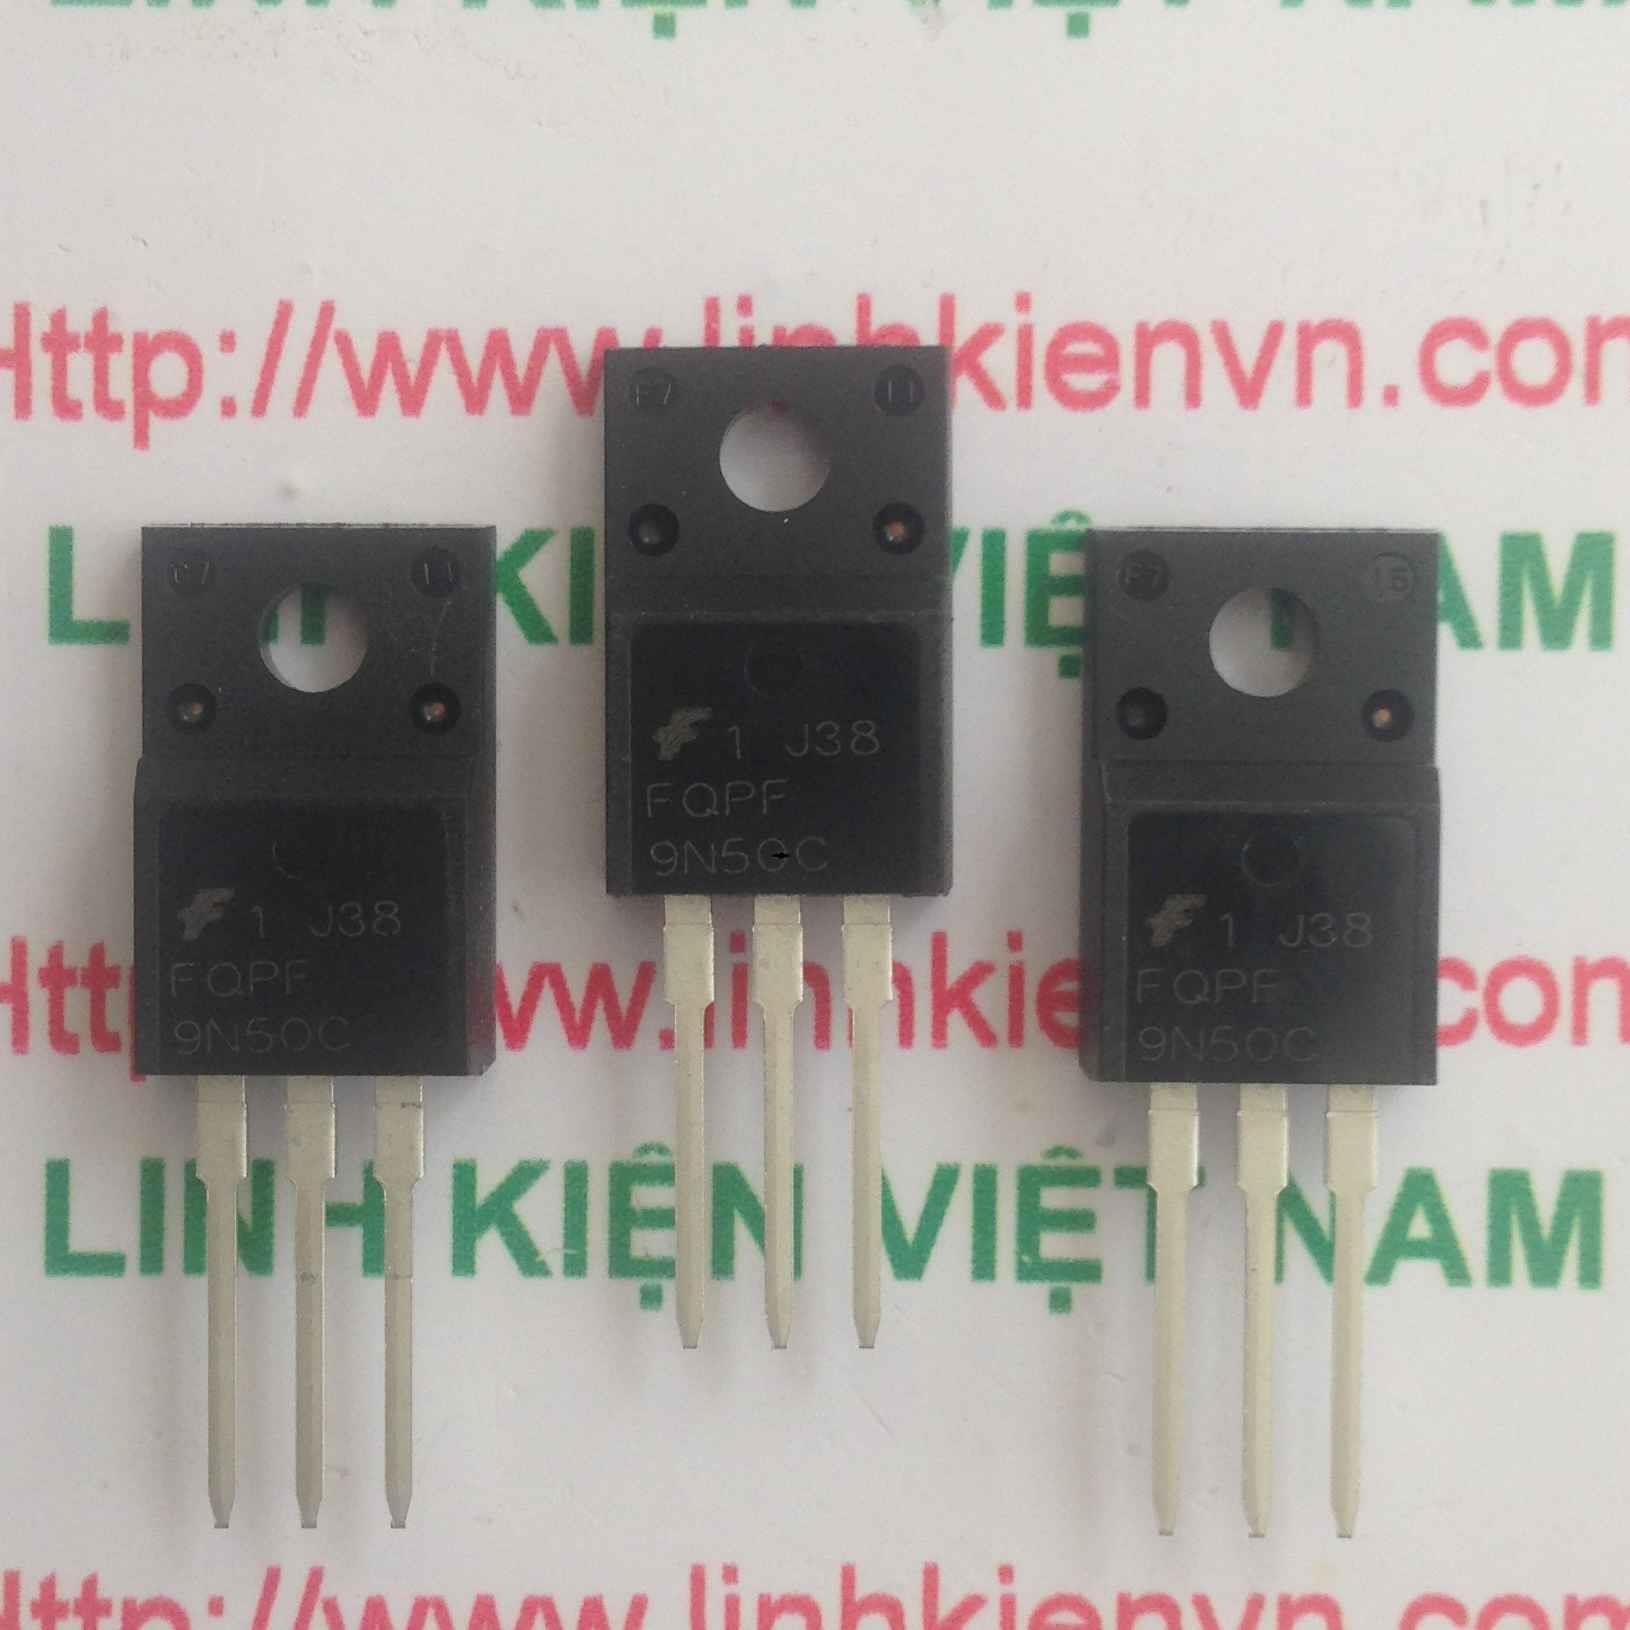 Mosfet Kênh N FQPF9N50C 500V 9A - TO220 - B7H16